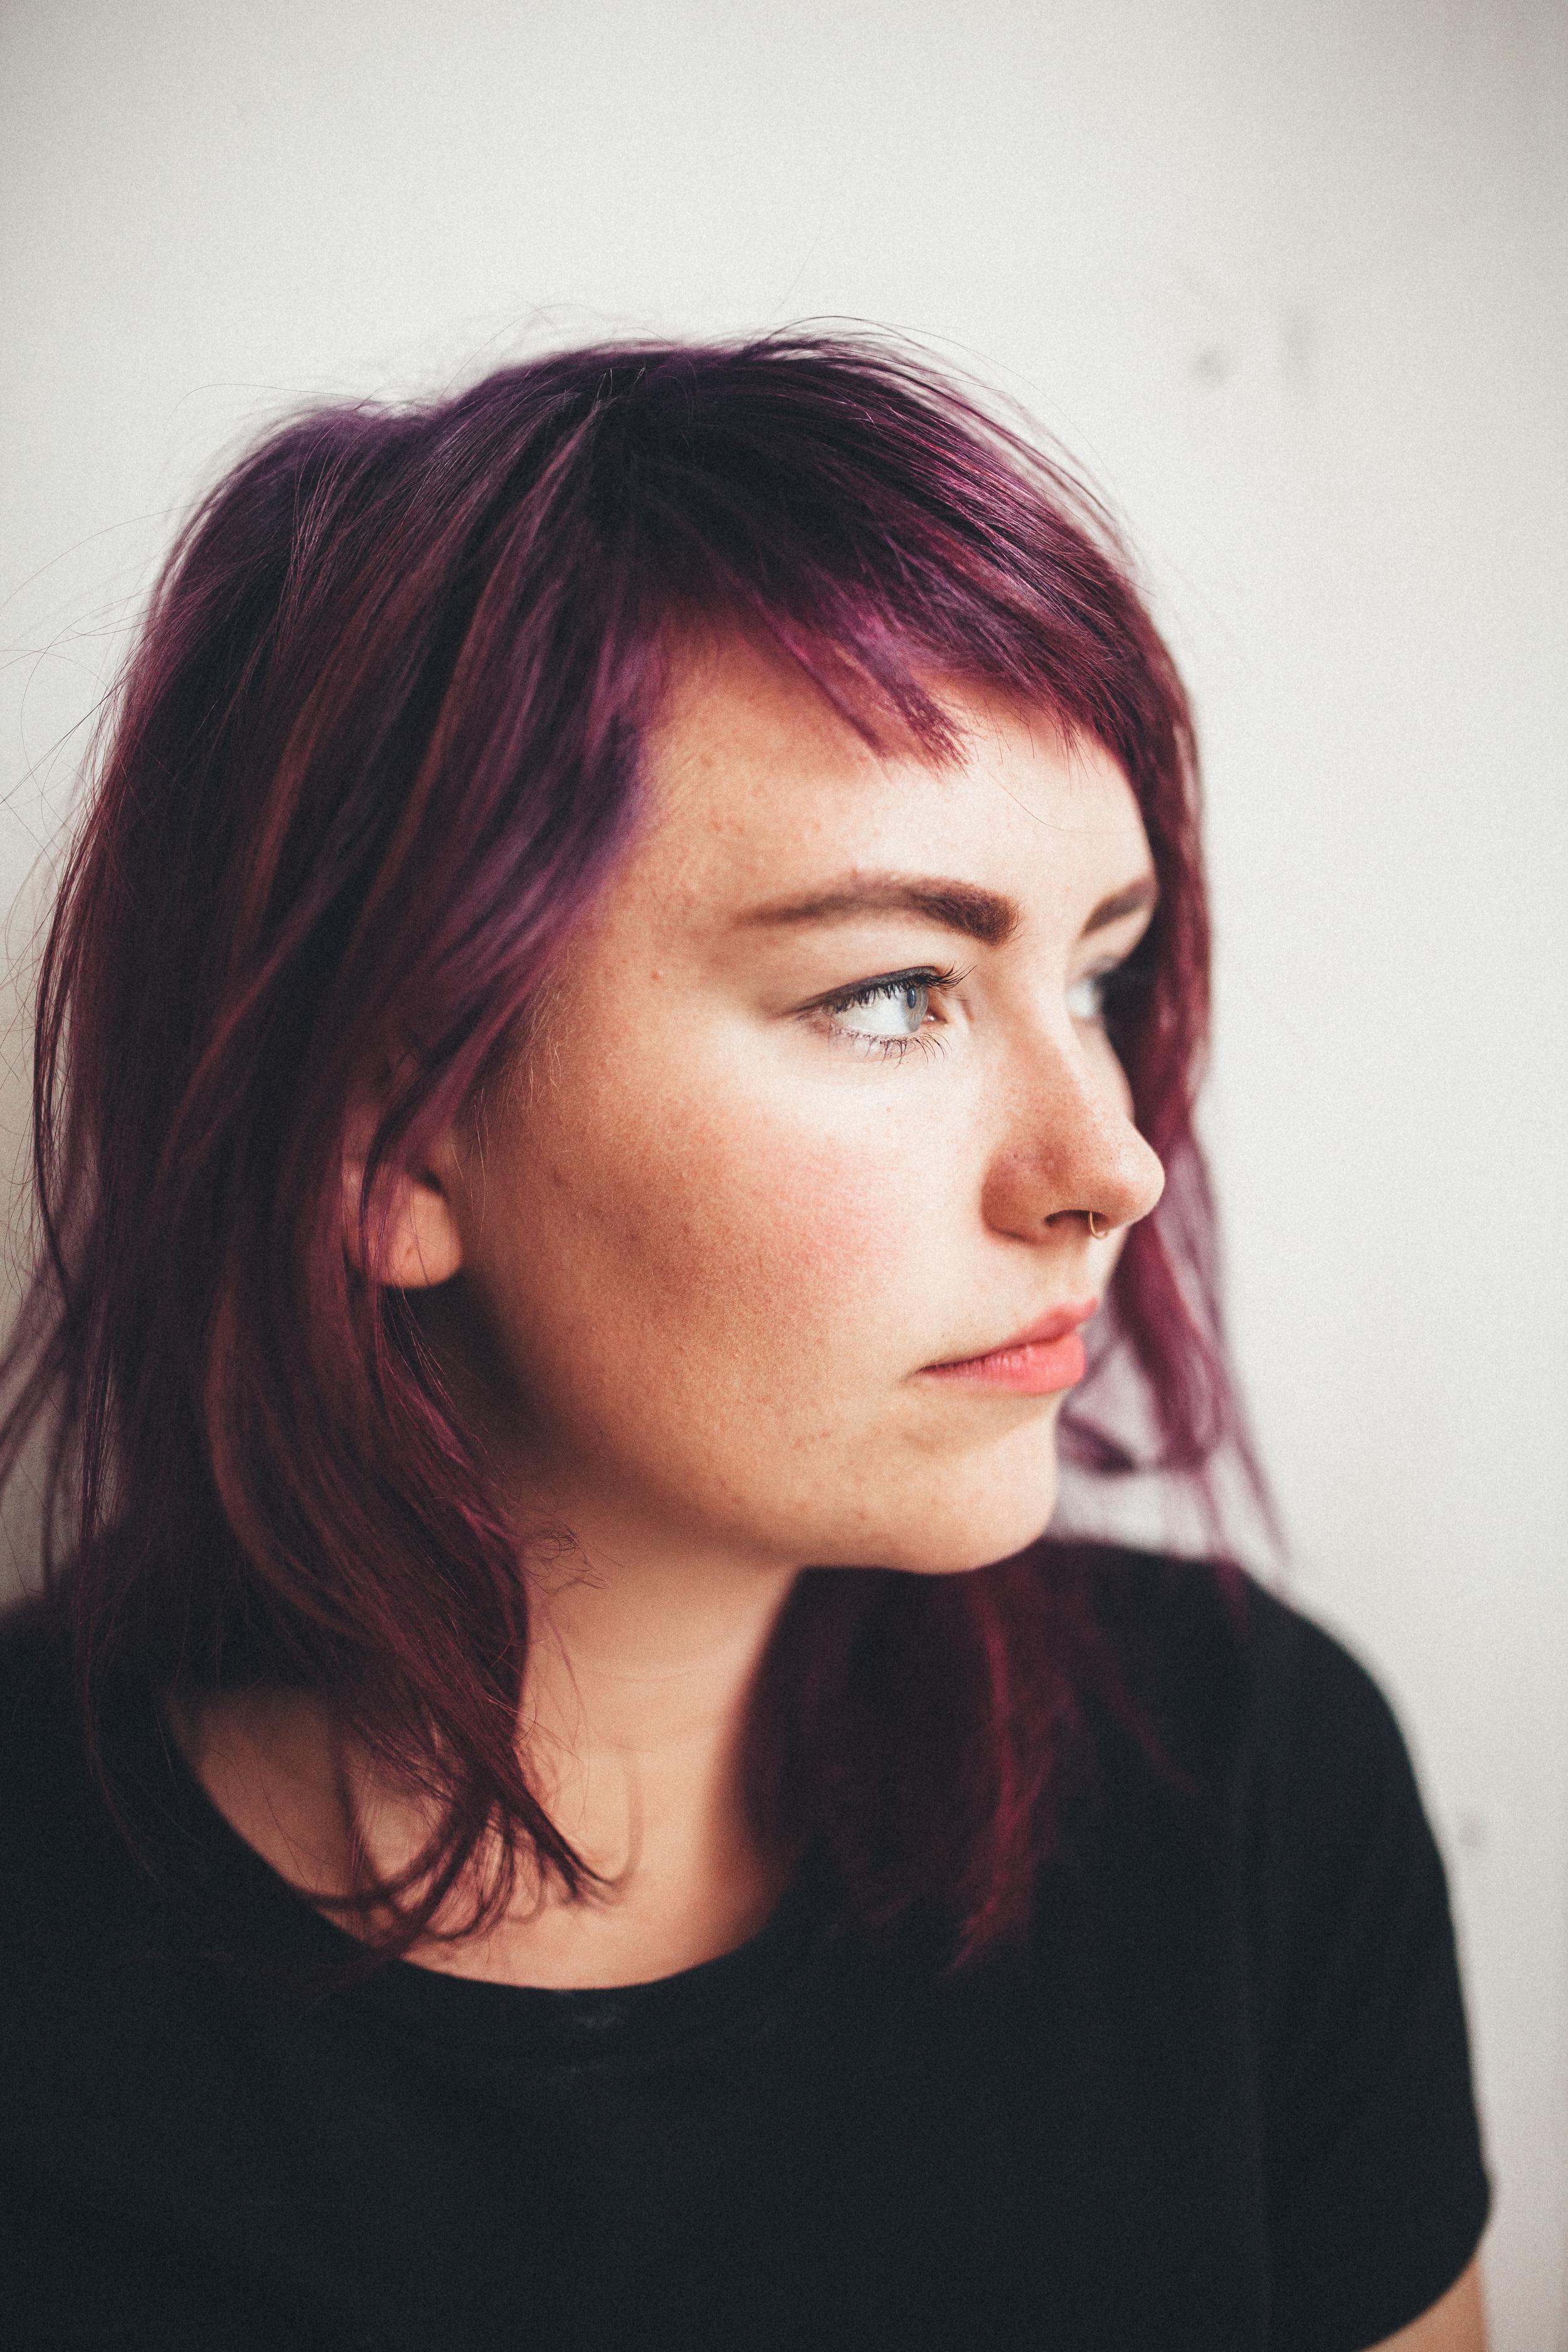 emily-patton-purple-hair-2239.jpg